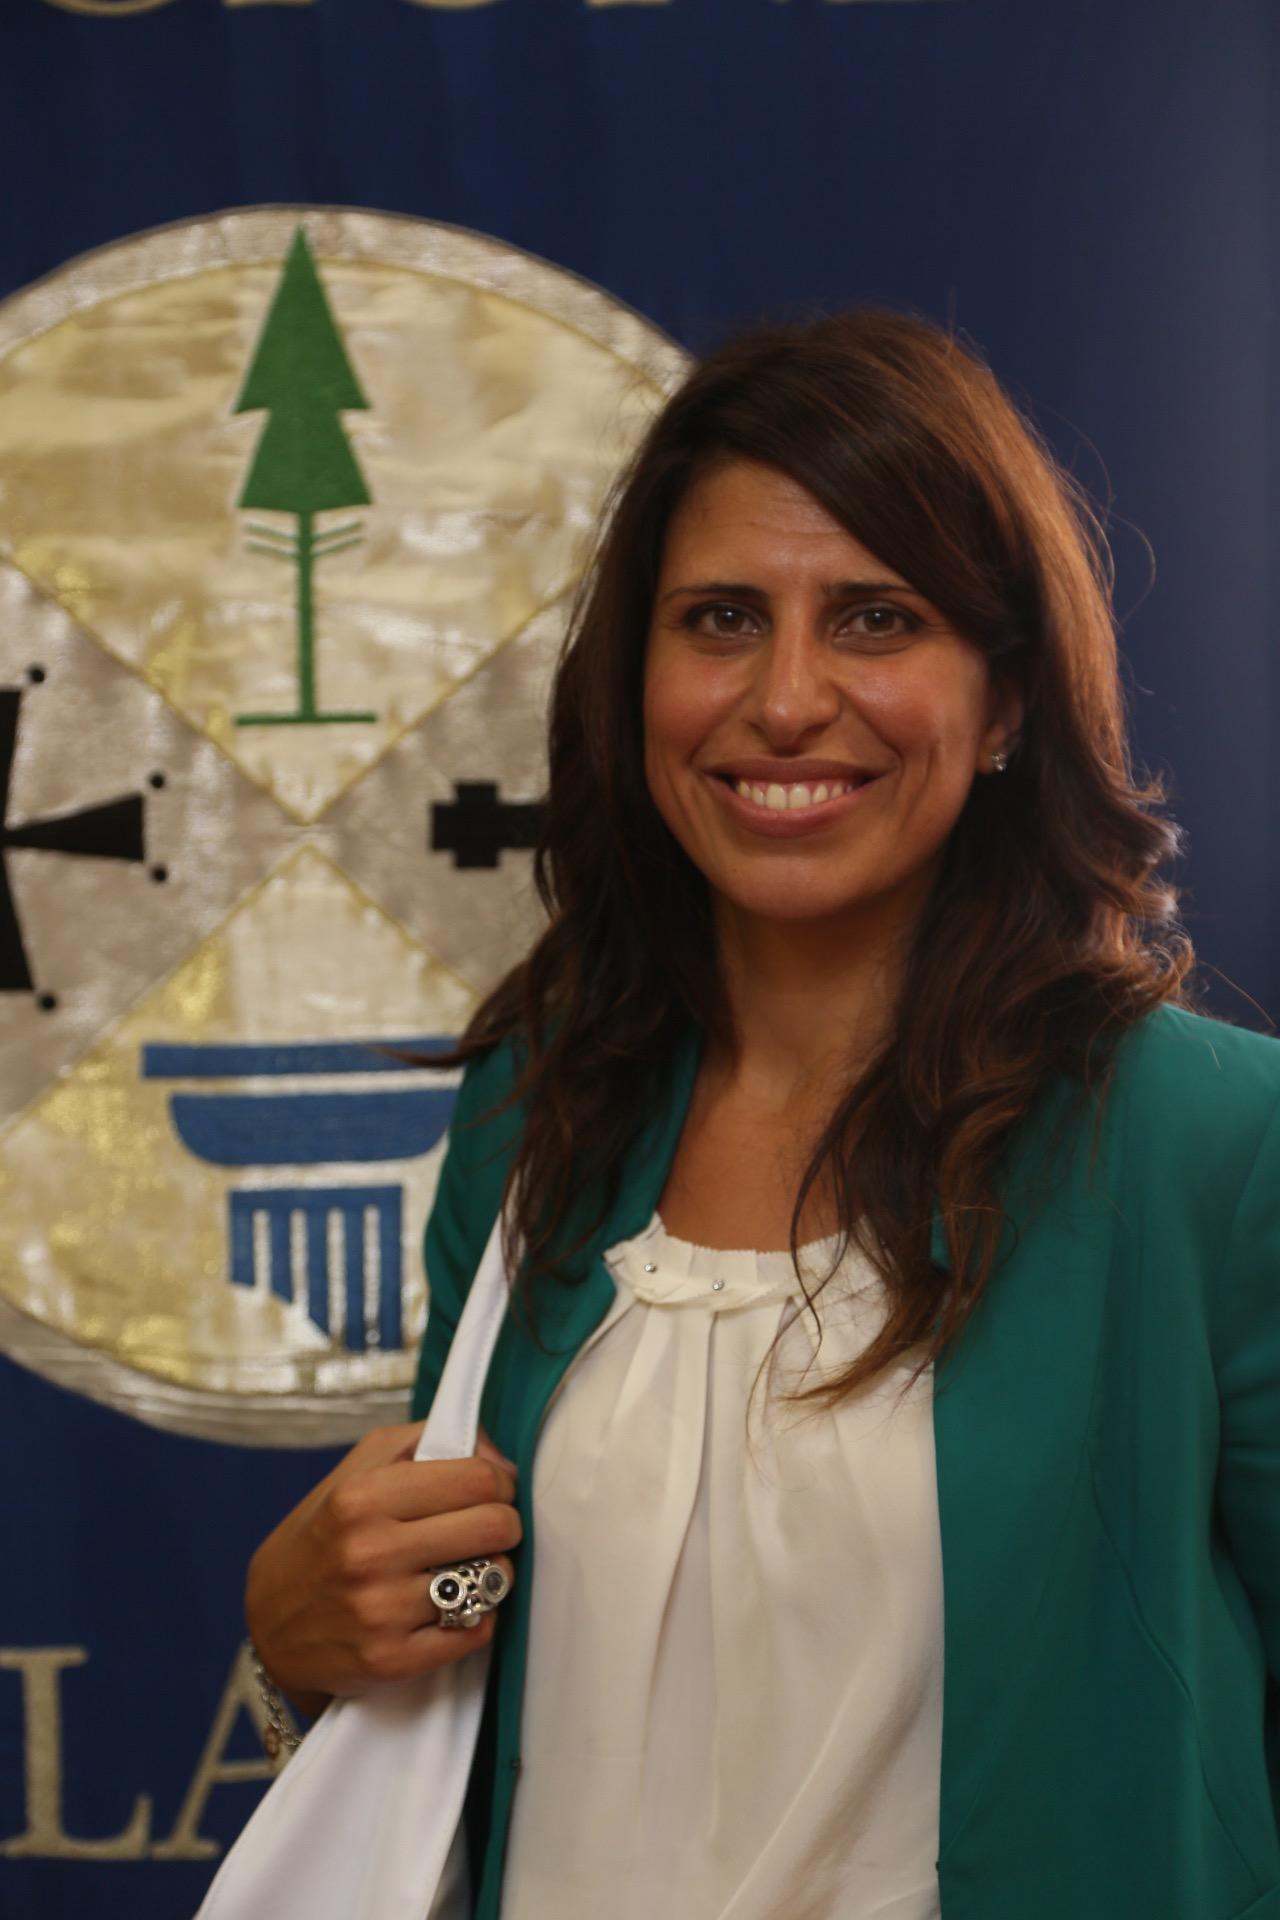 Federica Roccisano - Assessore alla Scuola, lavoro, welfare e politiche giovanili. Vibo Valentia